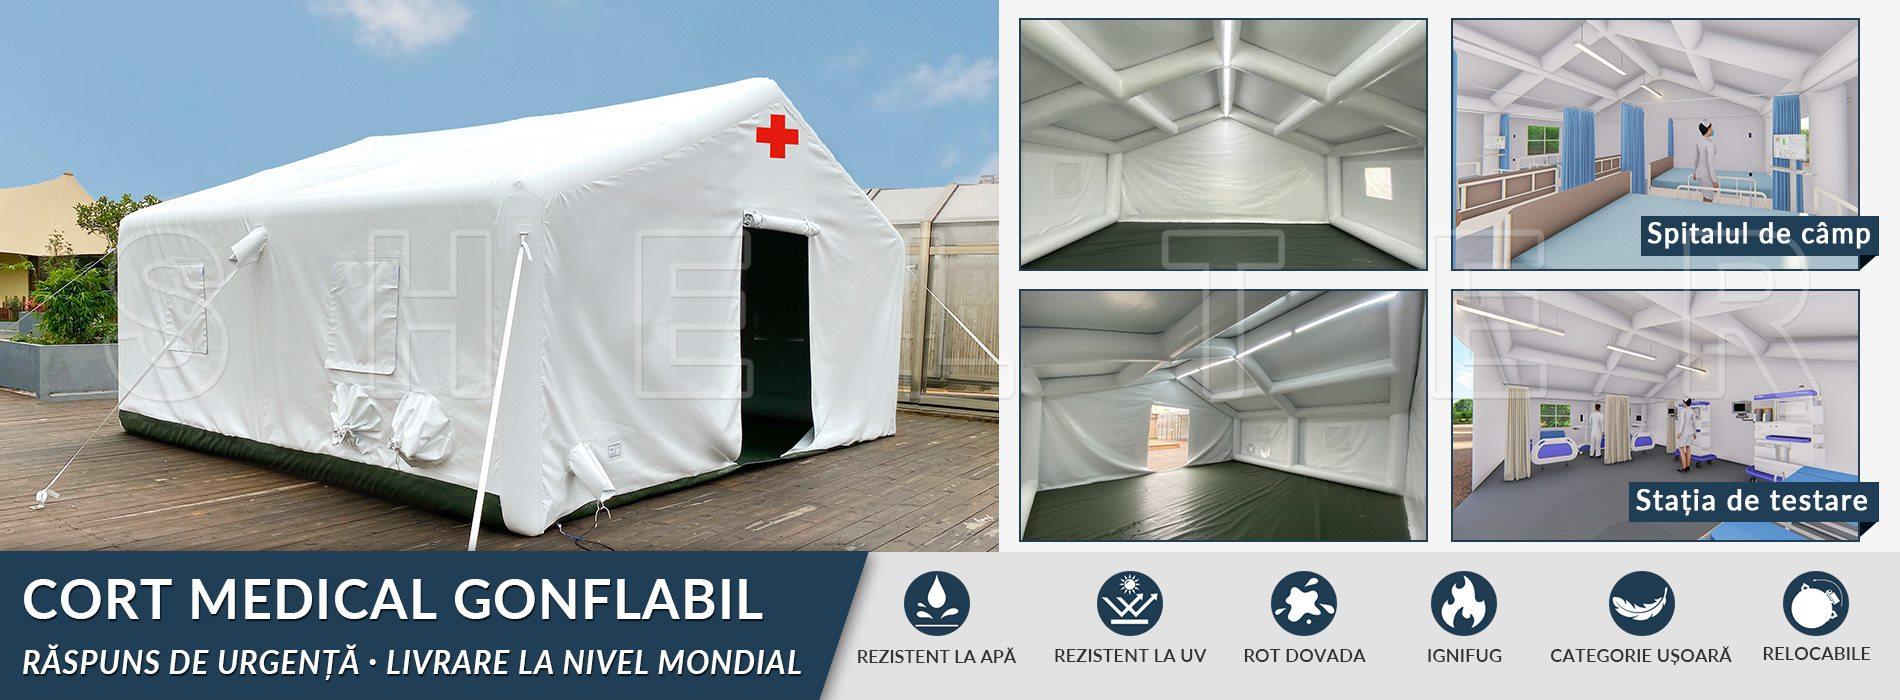 cort medical gonflabil de vânzare – bază de spital temporar 2